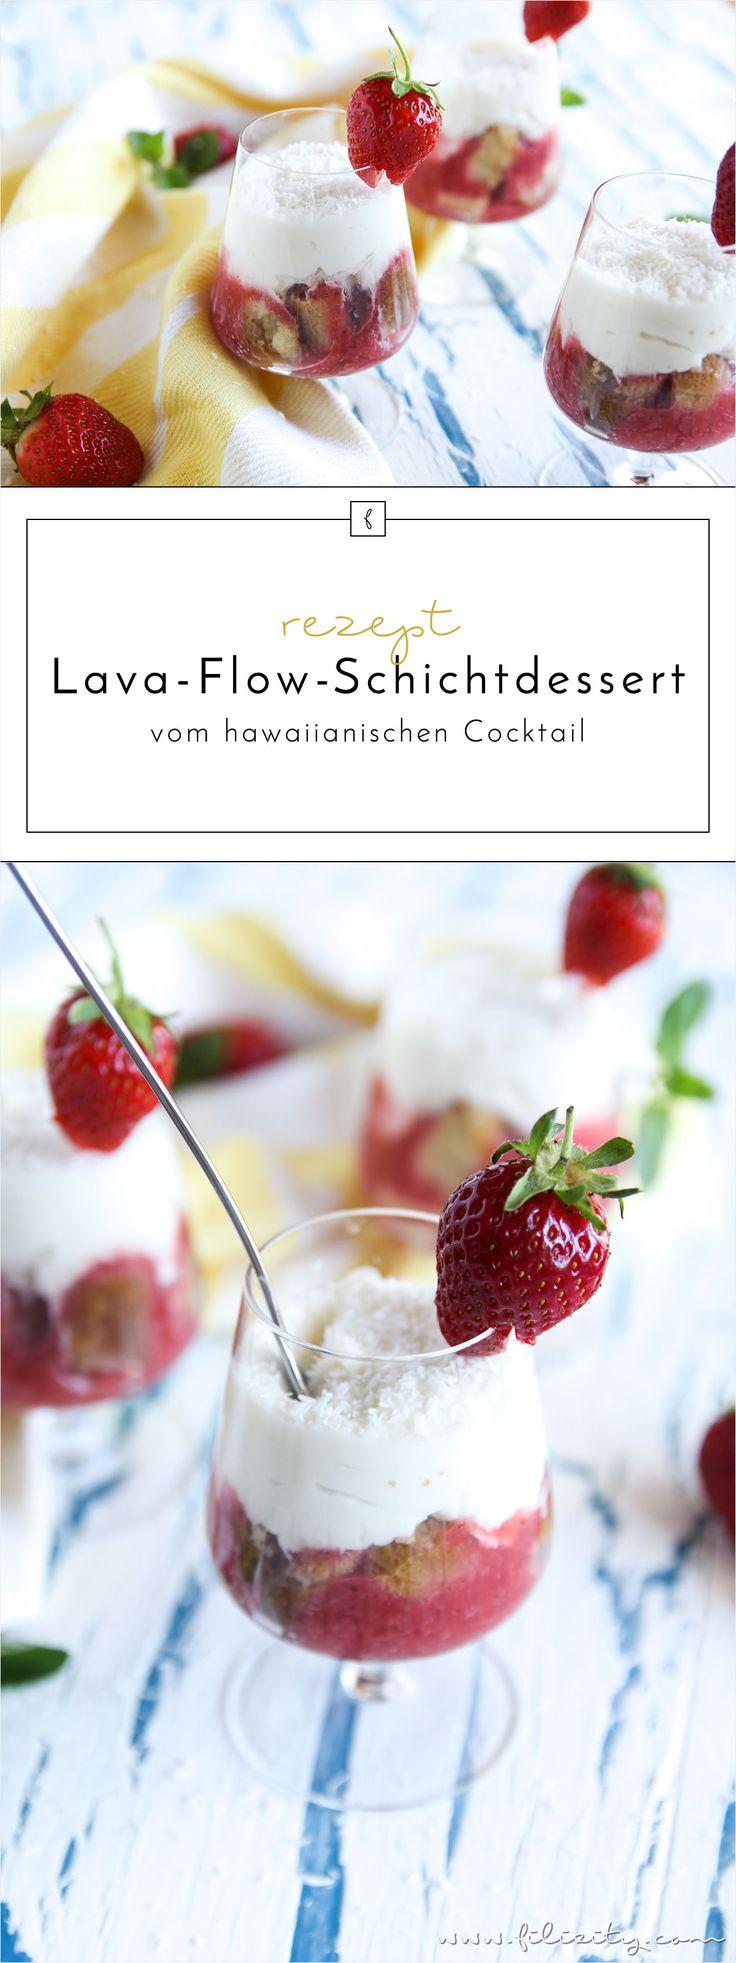 Sommer-Rezept: Lava Flow Schichtdessert (vom hawaiianischen Cocktail)  - mit oder ohne Alkohol